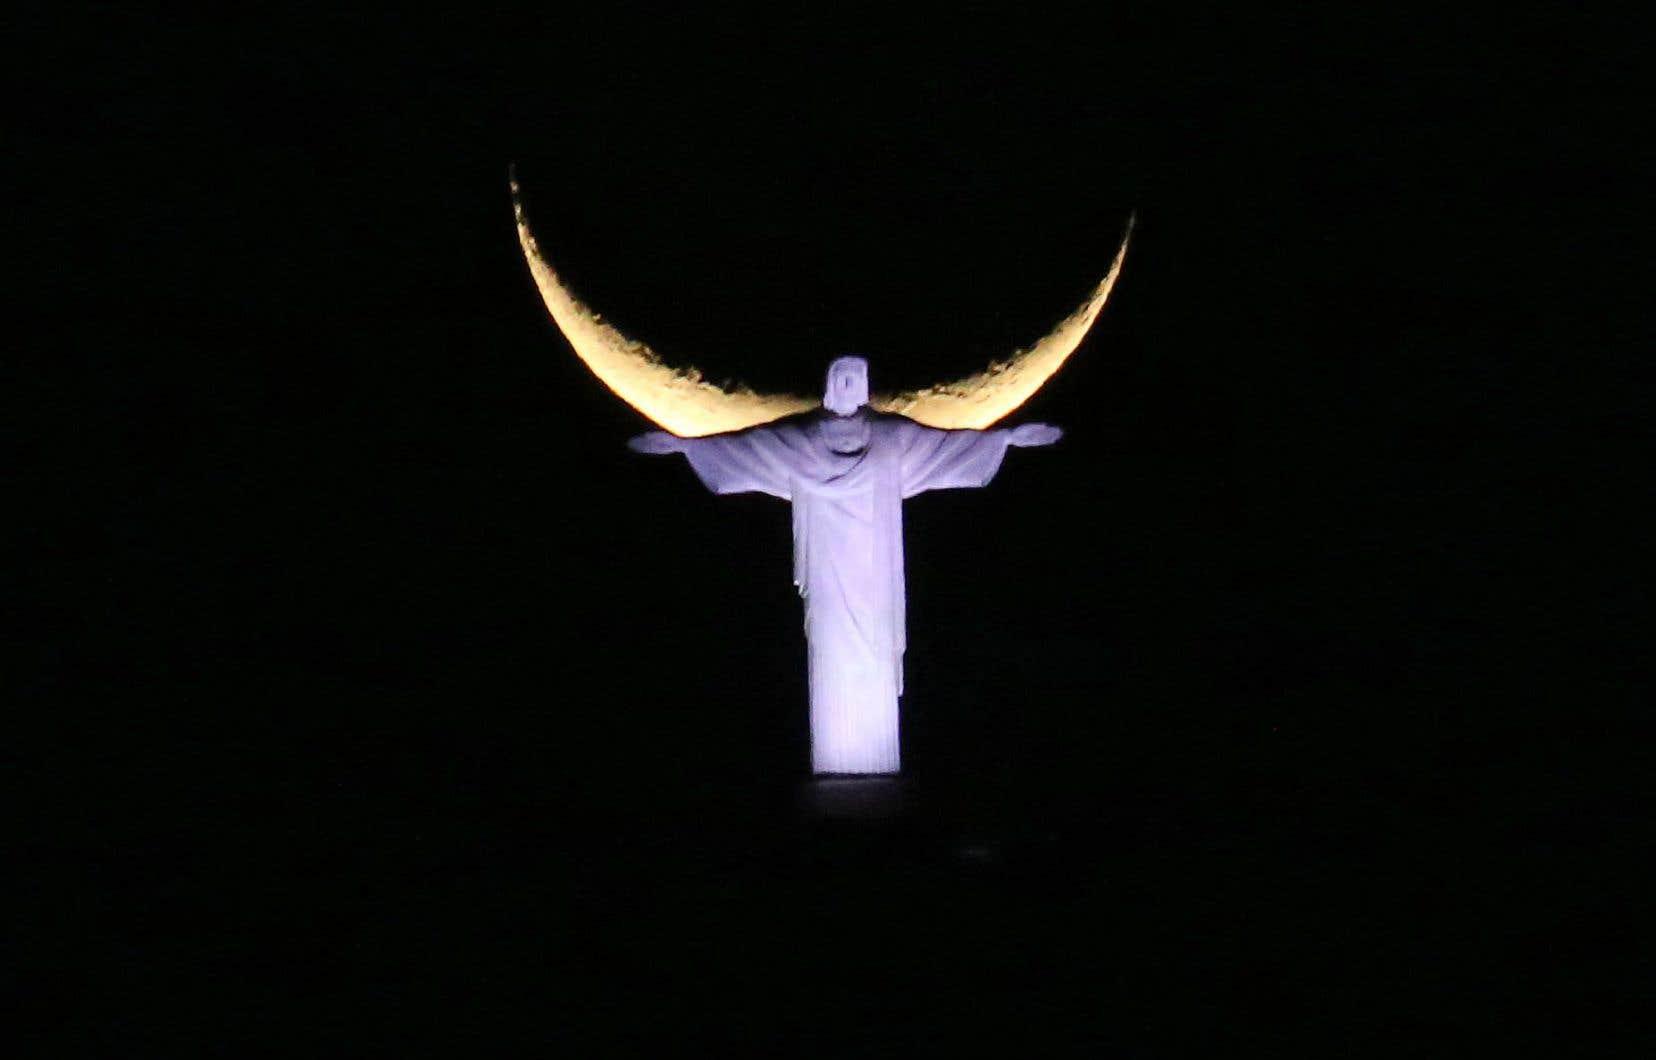 Jésus peut recevoir le qualificatif de «profondément révolutionnaire», selon Dominique Boisvert.